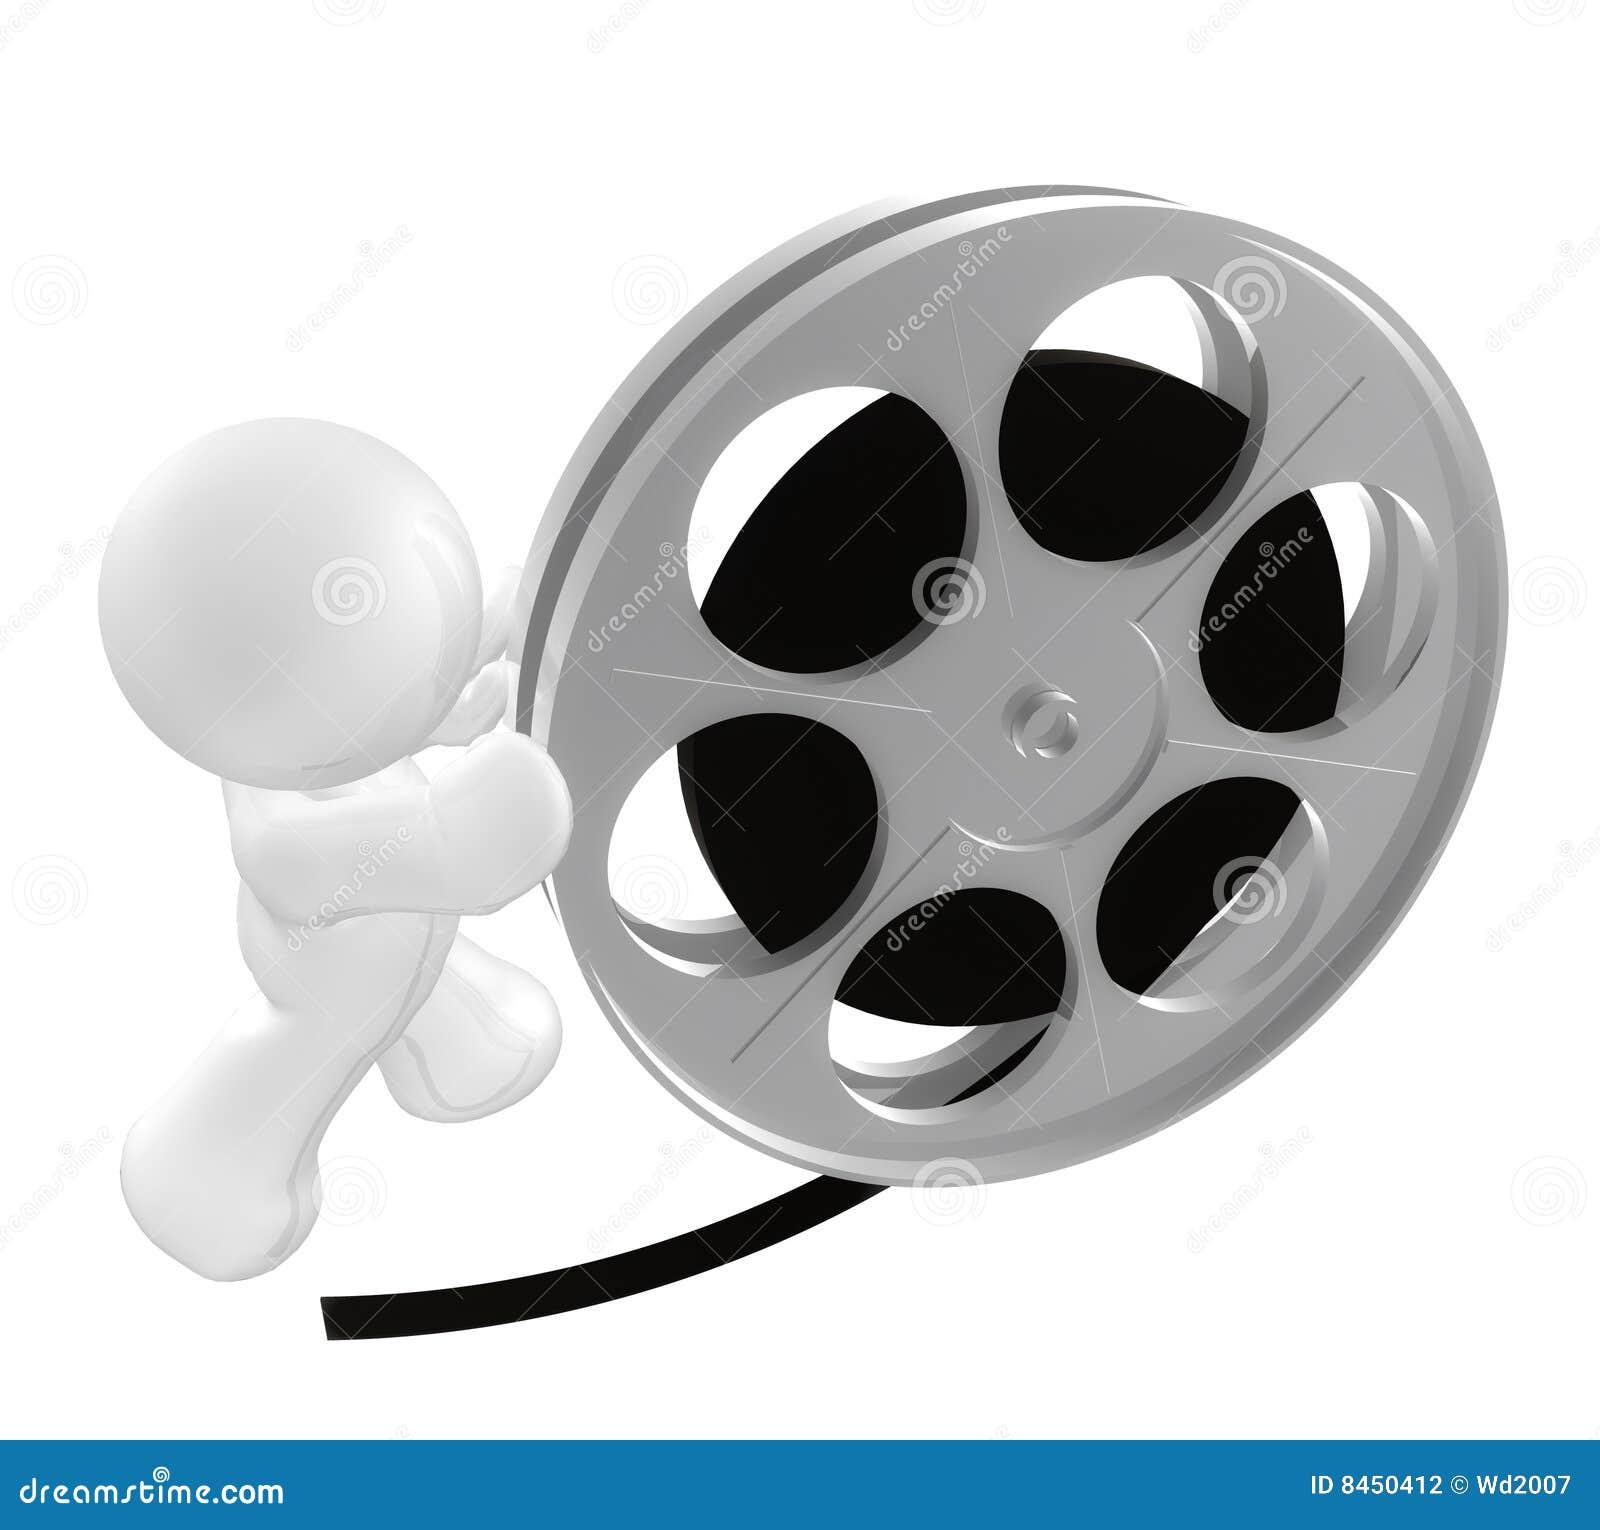 White för rullning för rulle för filmgrabbsymbol